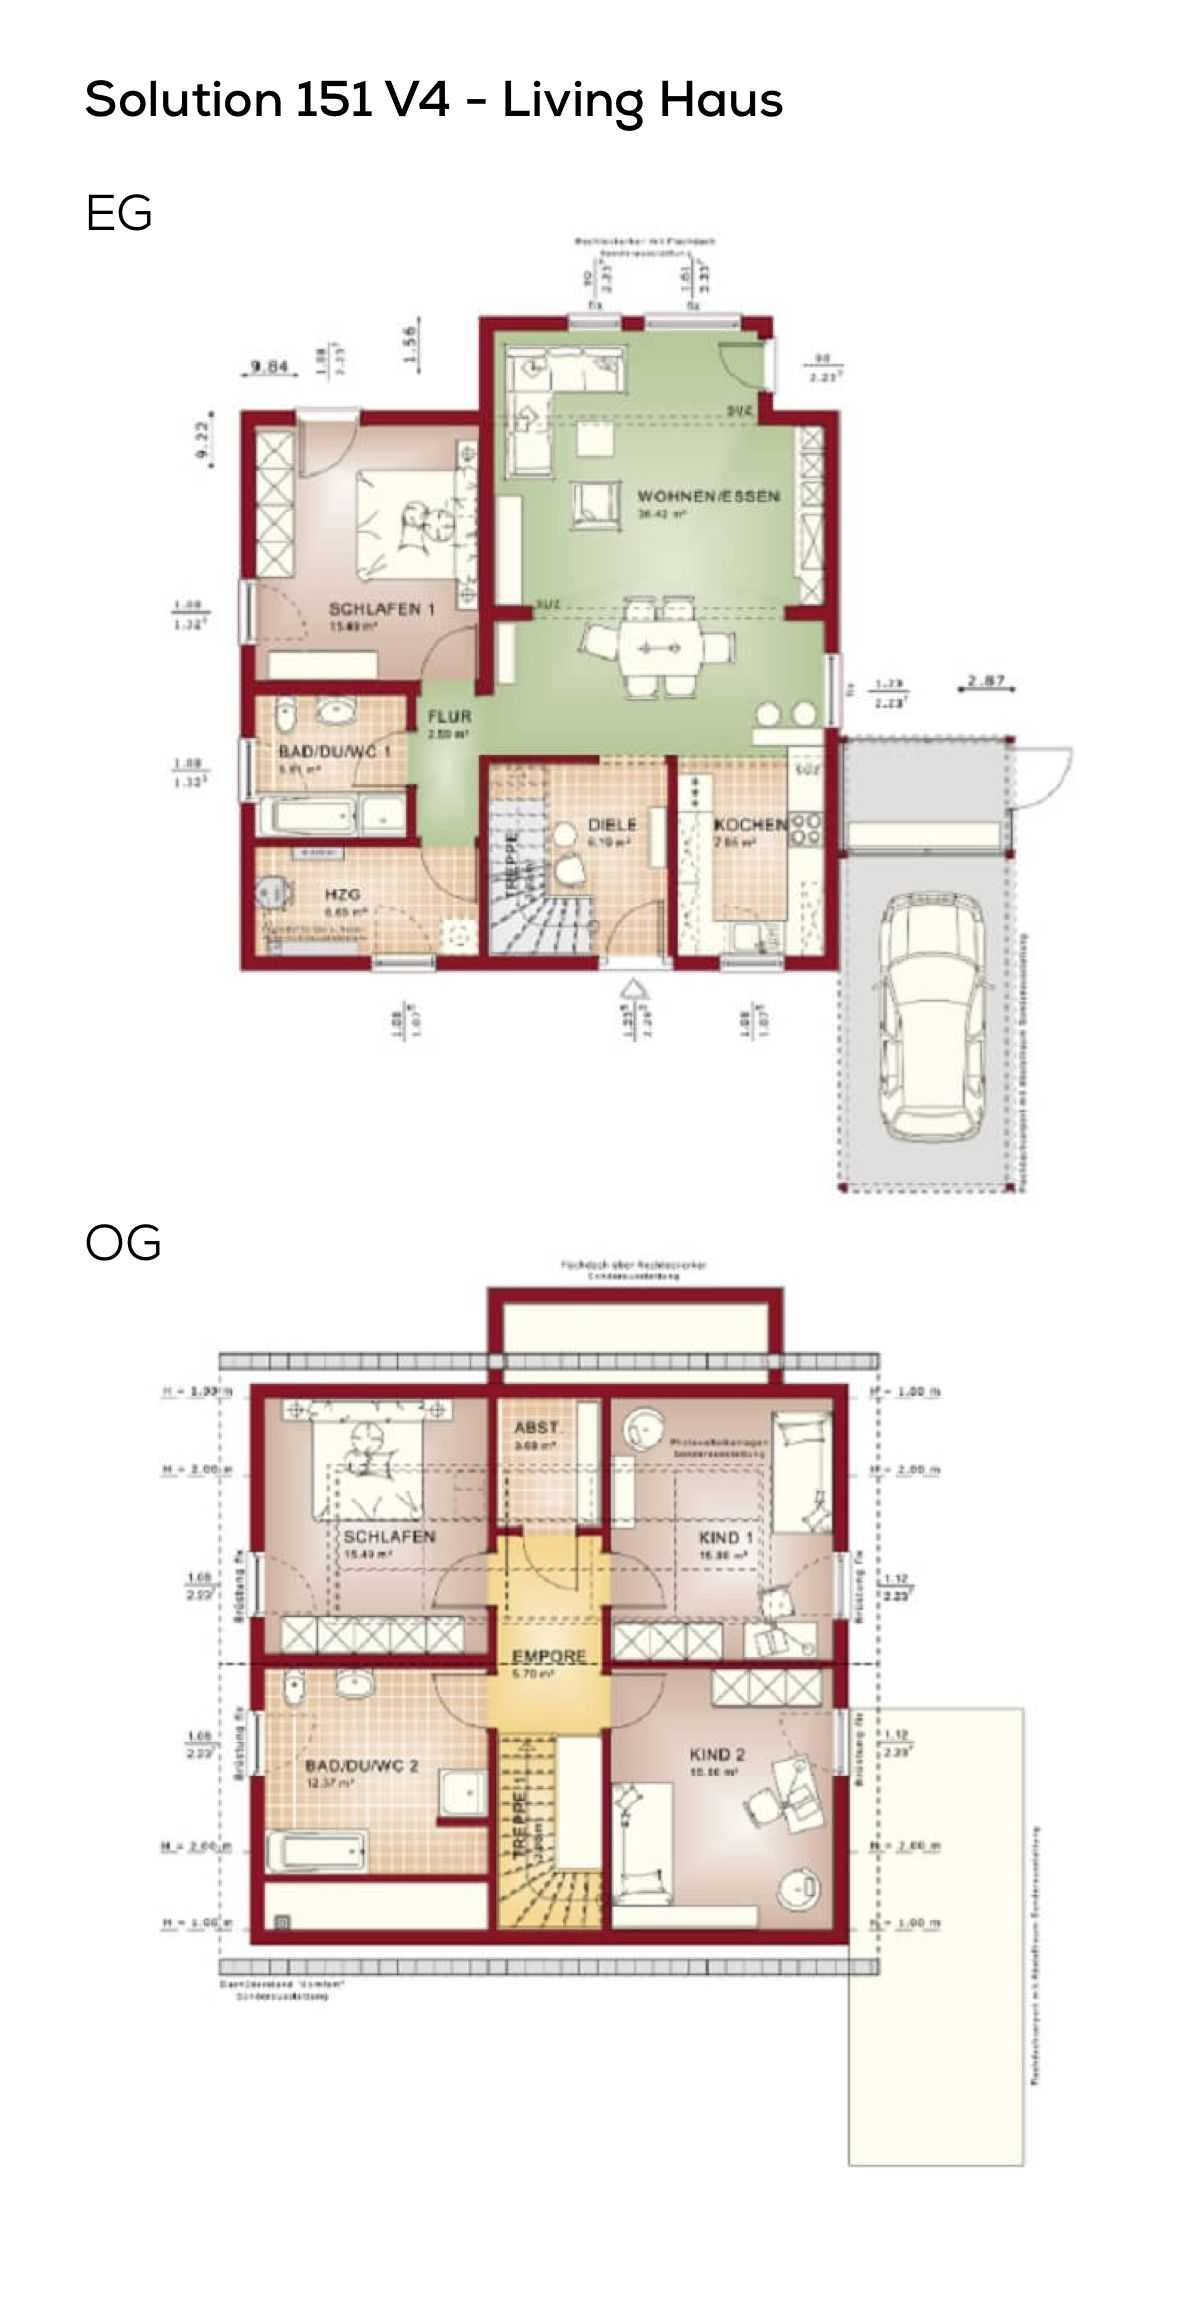 Grundriss Einfamilienhaus mit Satteldach 5 Zimmer, 150